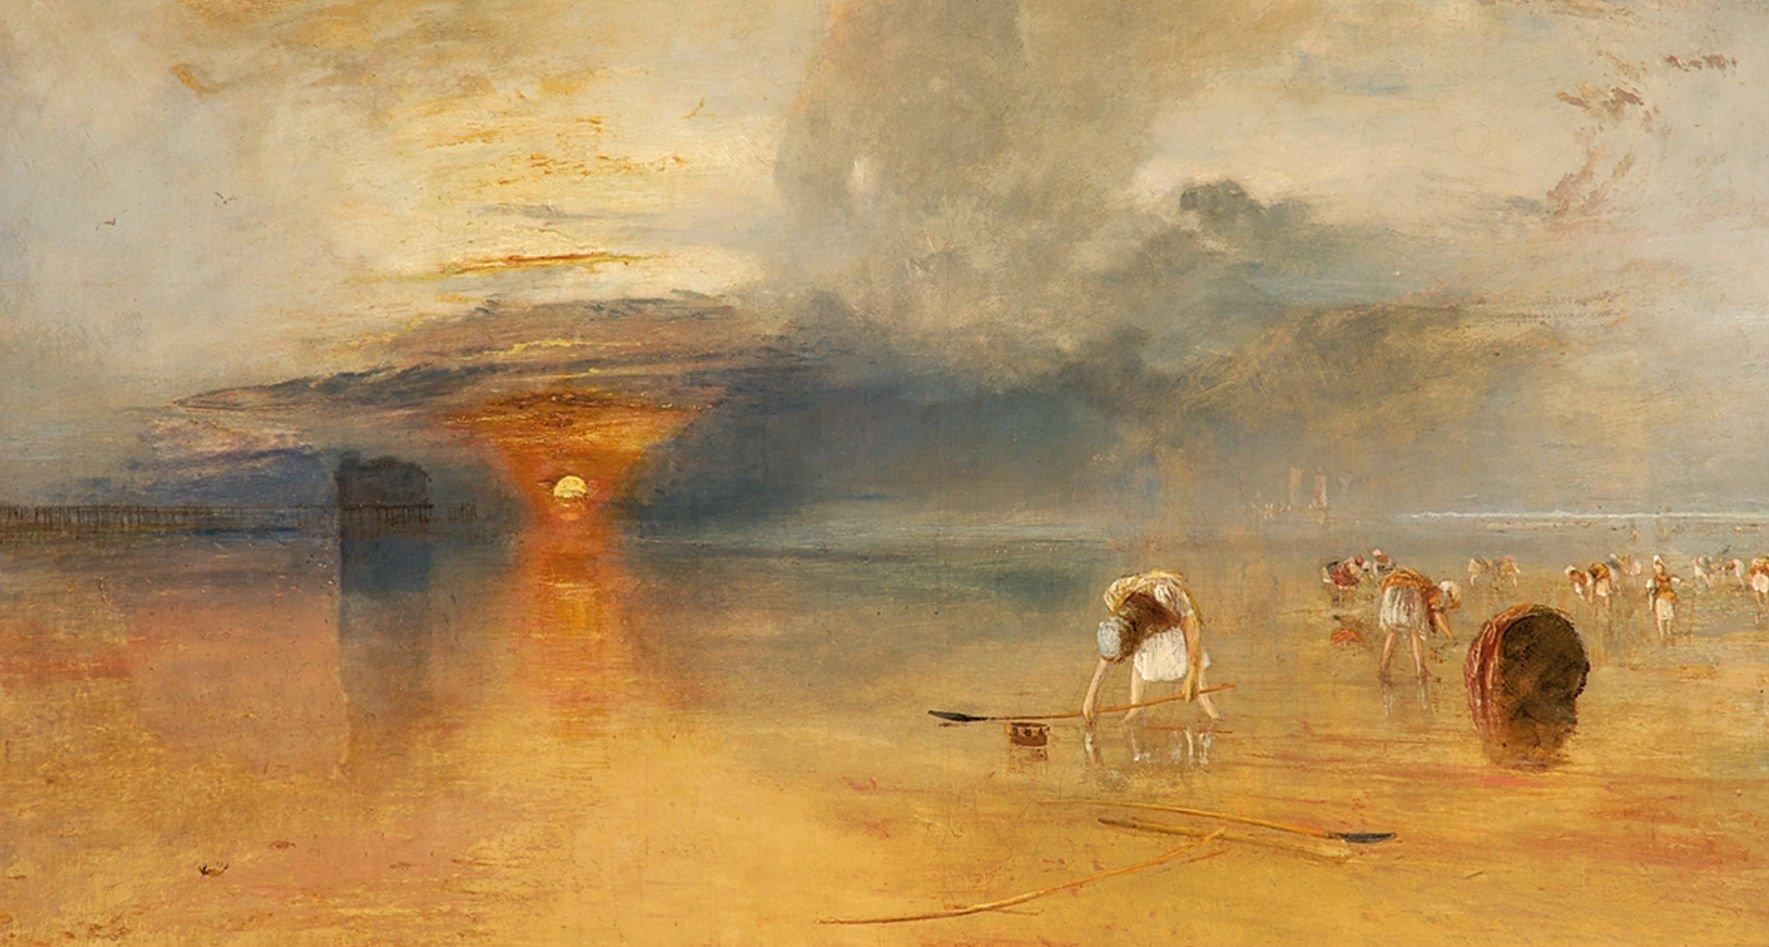 Exposition Turner 224 Aix Fou De Couleur De Paysage Et De Lumi 232 Re Gomet